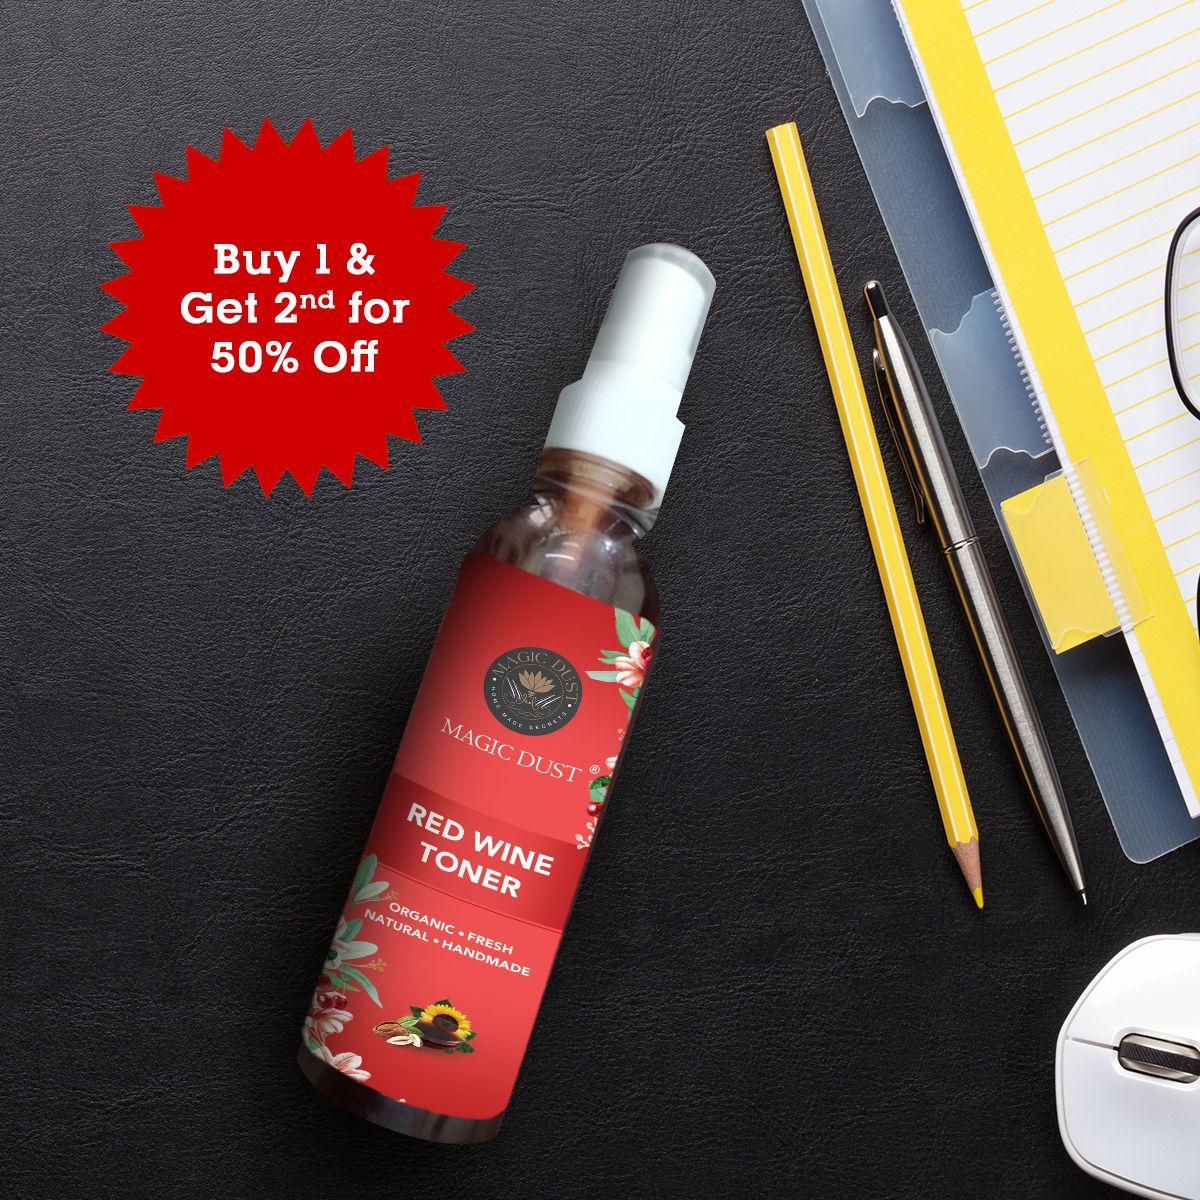 Red Wine Toner Moisturizer For Dry Skin Organic Toner Toner